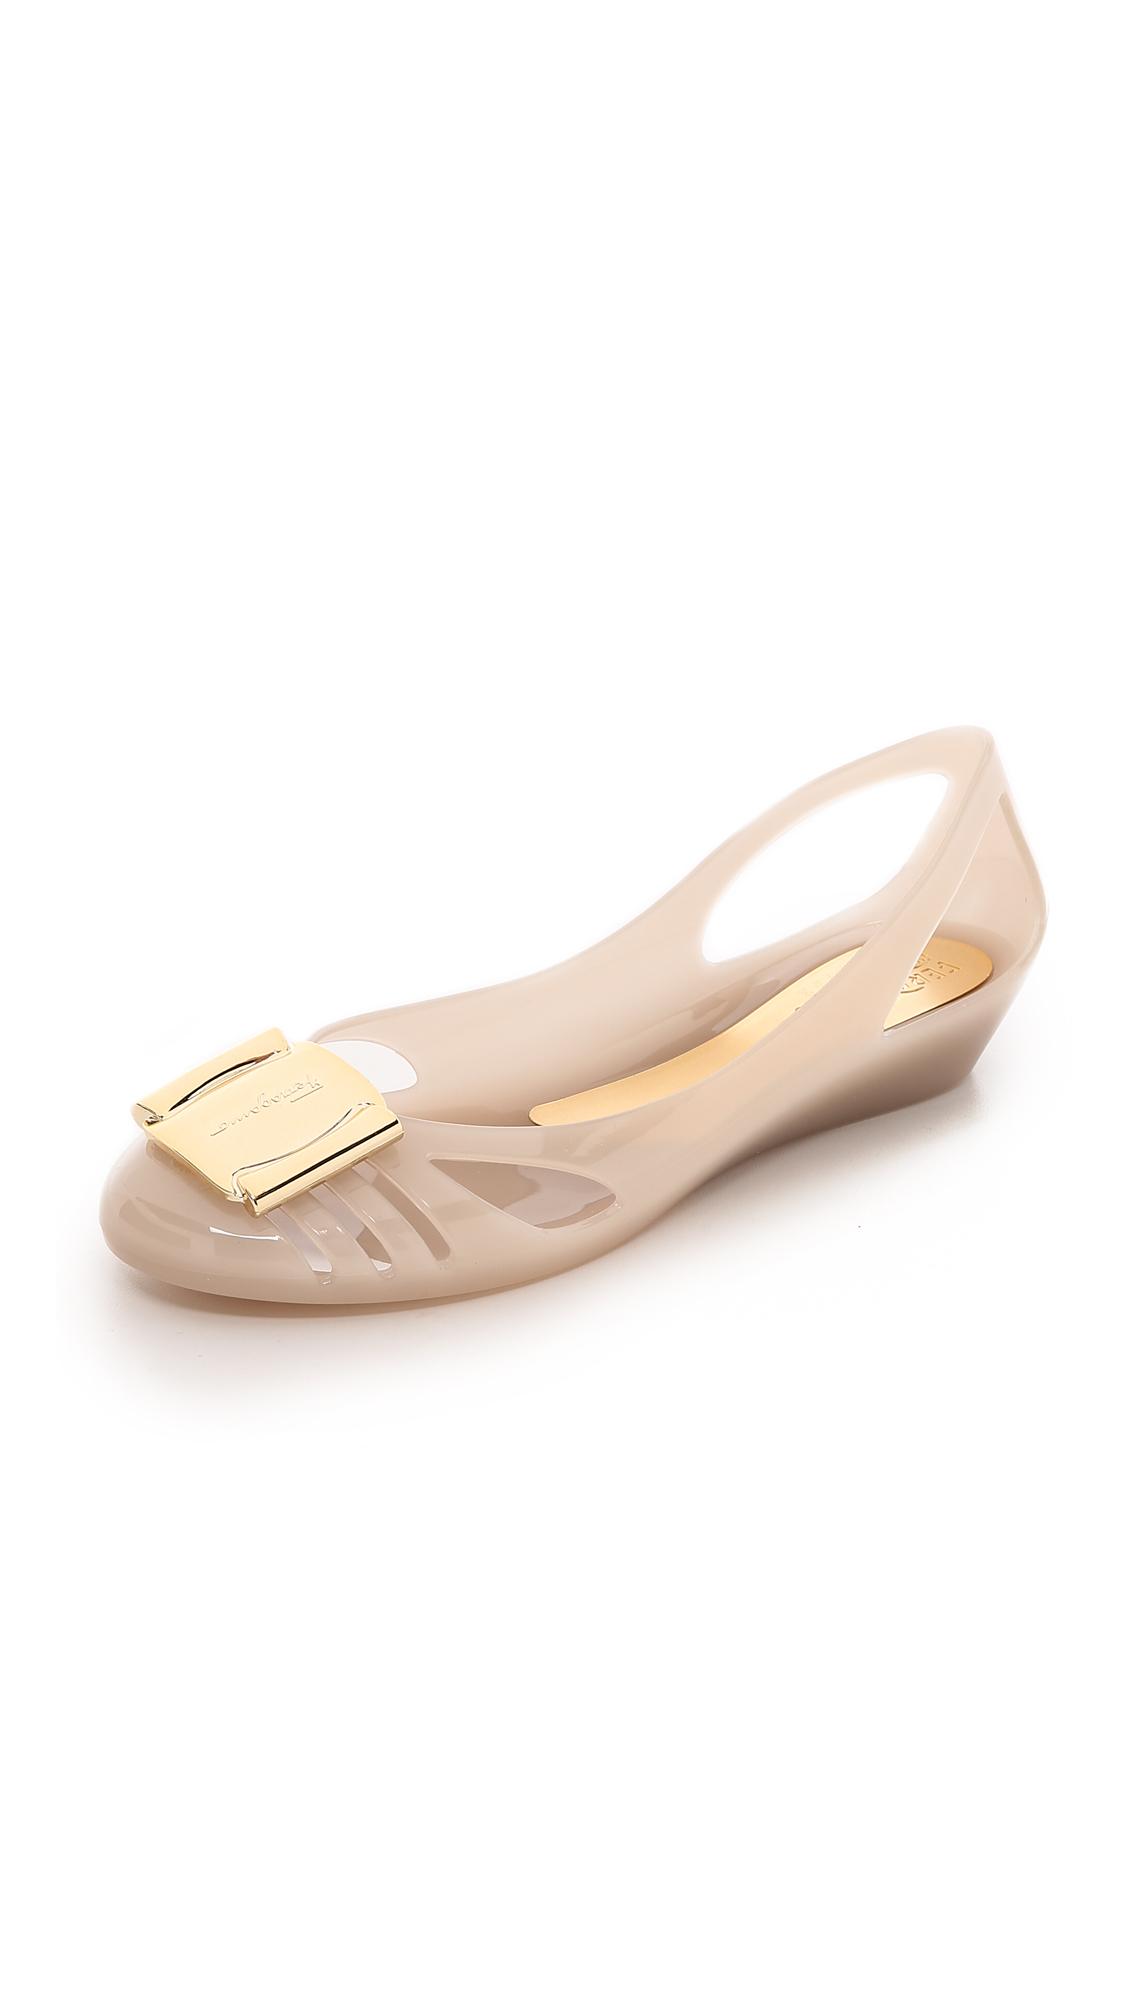 Salvatore Ferragamo Women's Jelly Ballerina Flat